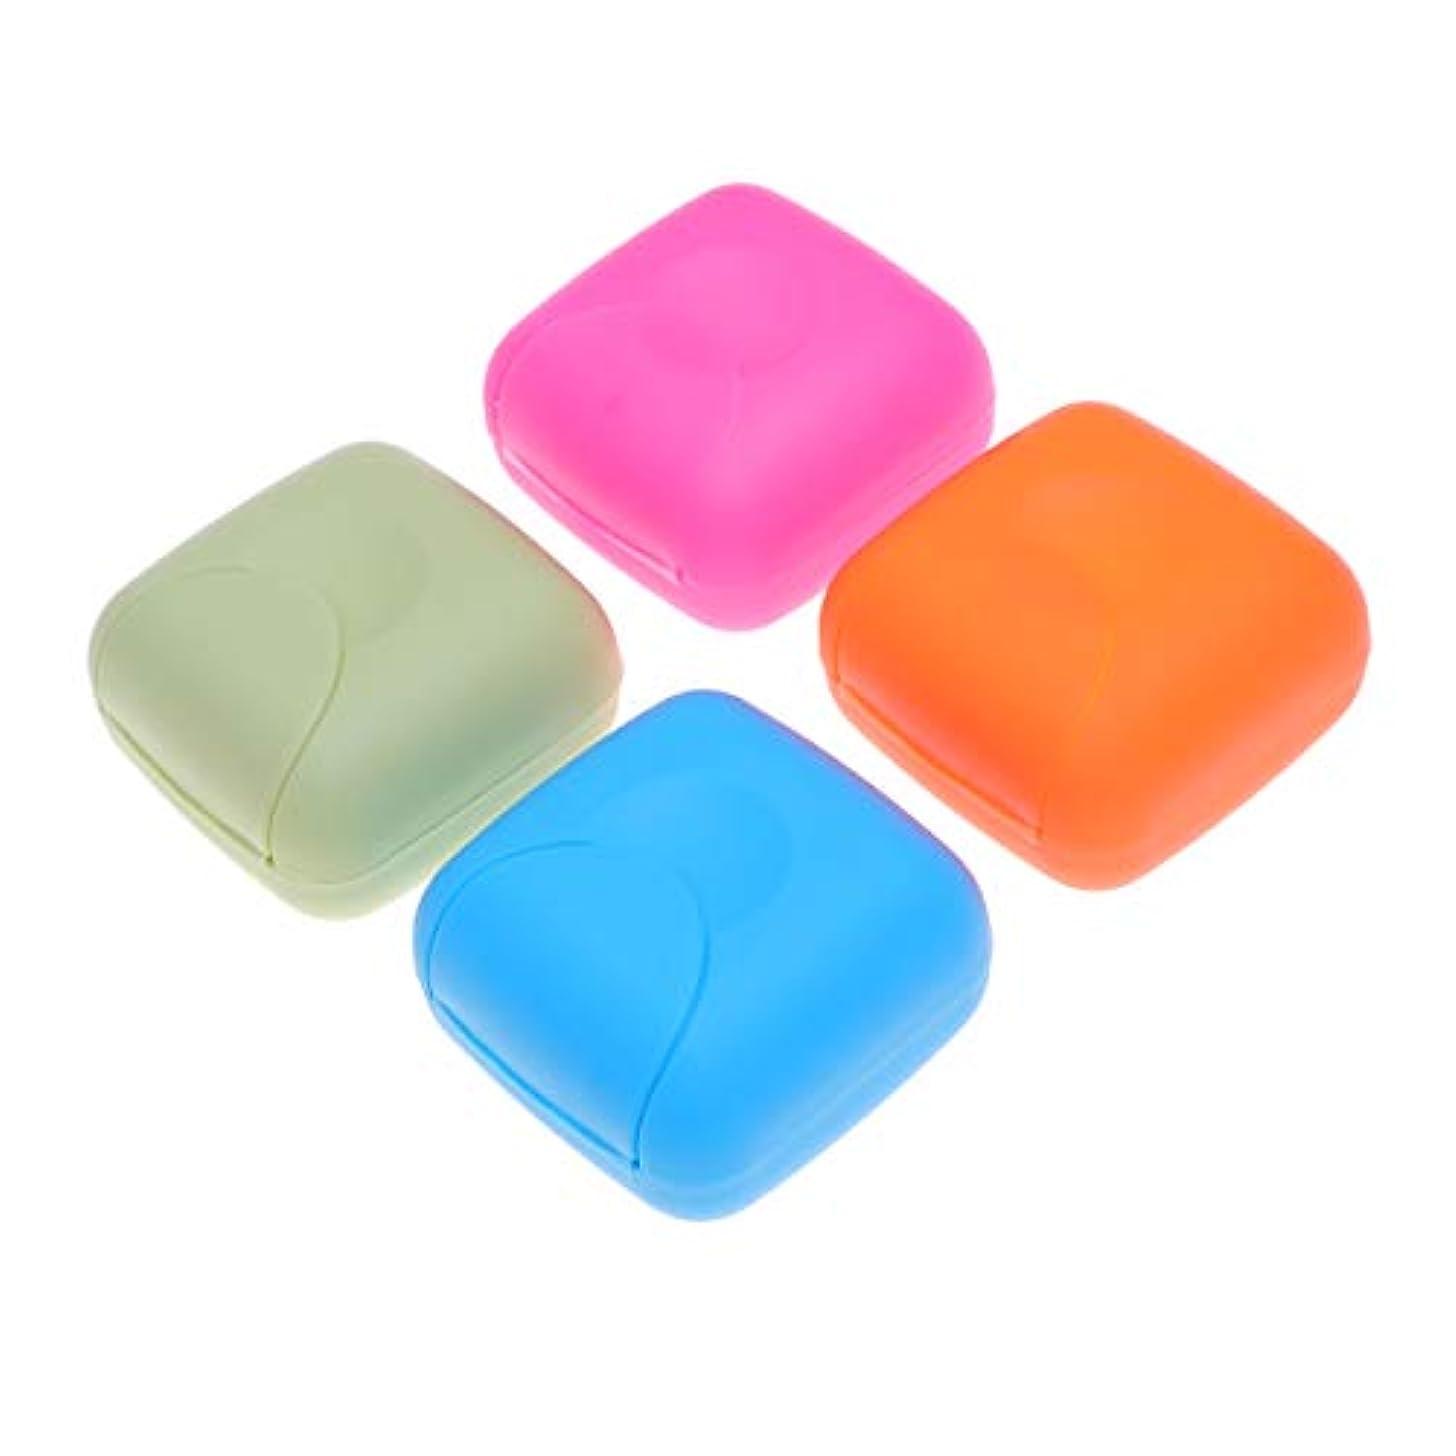 調整するオーディション有能なHealifty ソープボックスポータブルソープディッシュソープケース4本(ブルー、ロージー、オレンジ、ピンク)